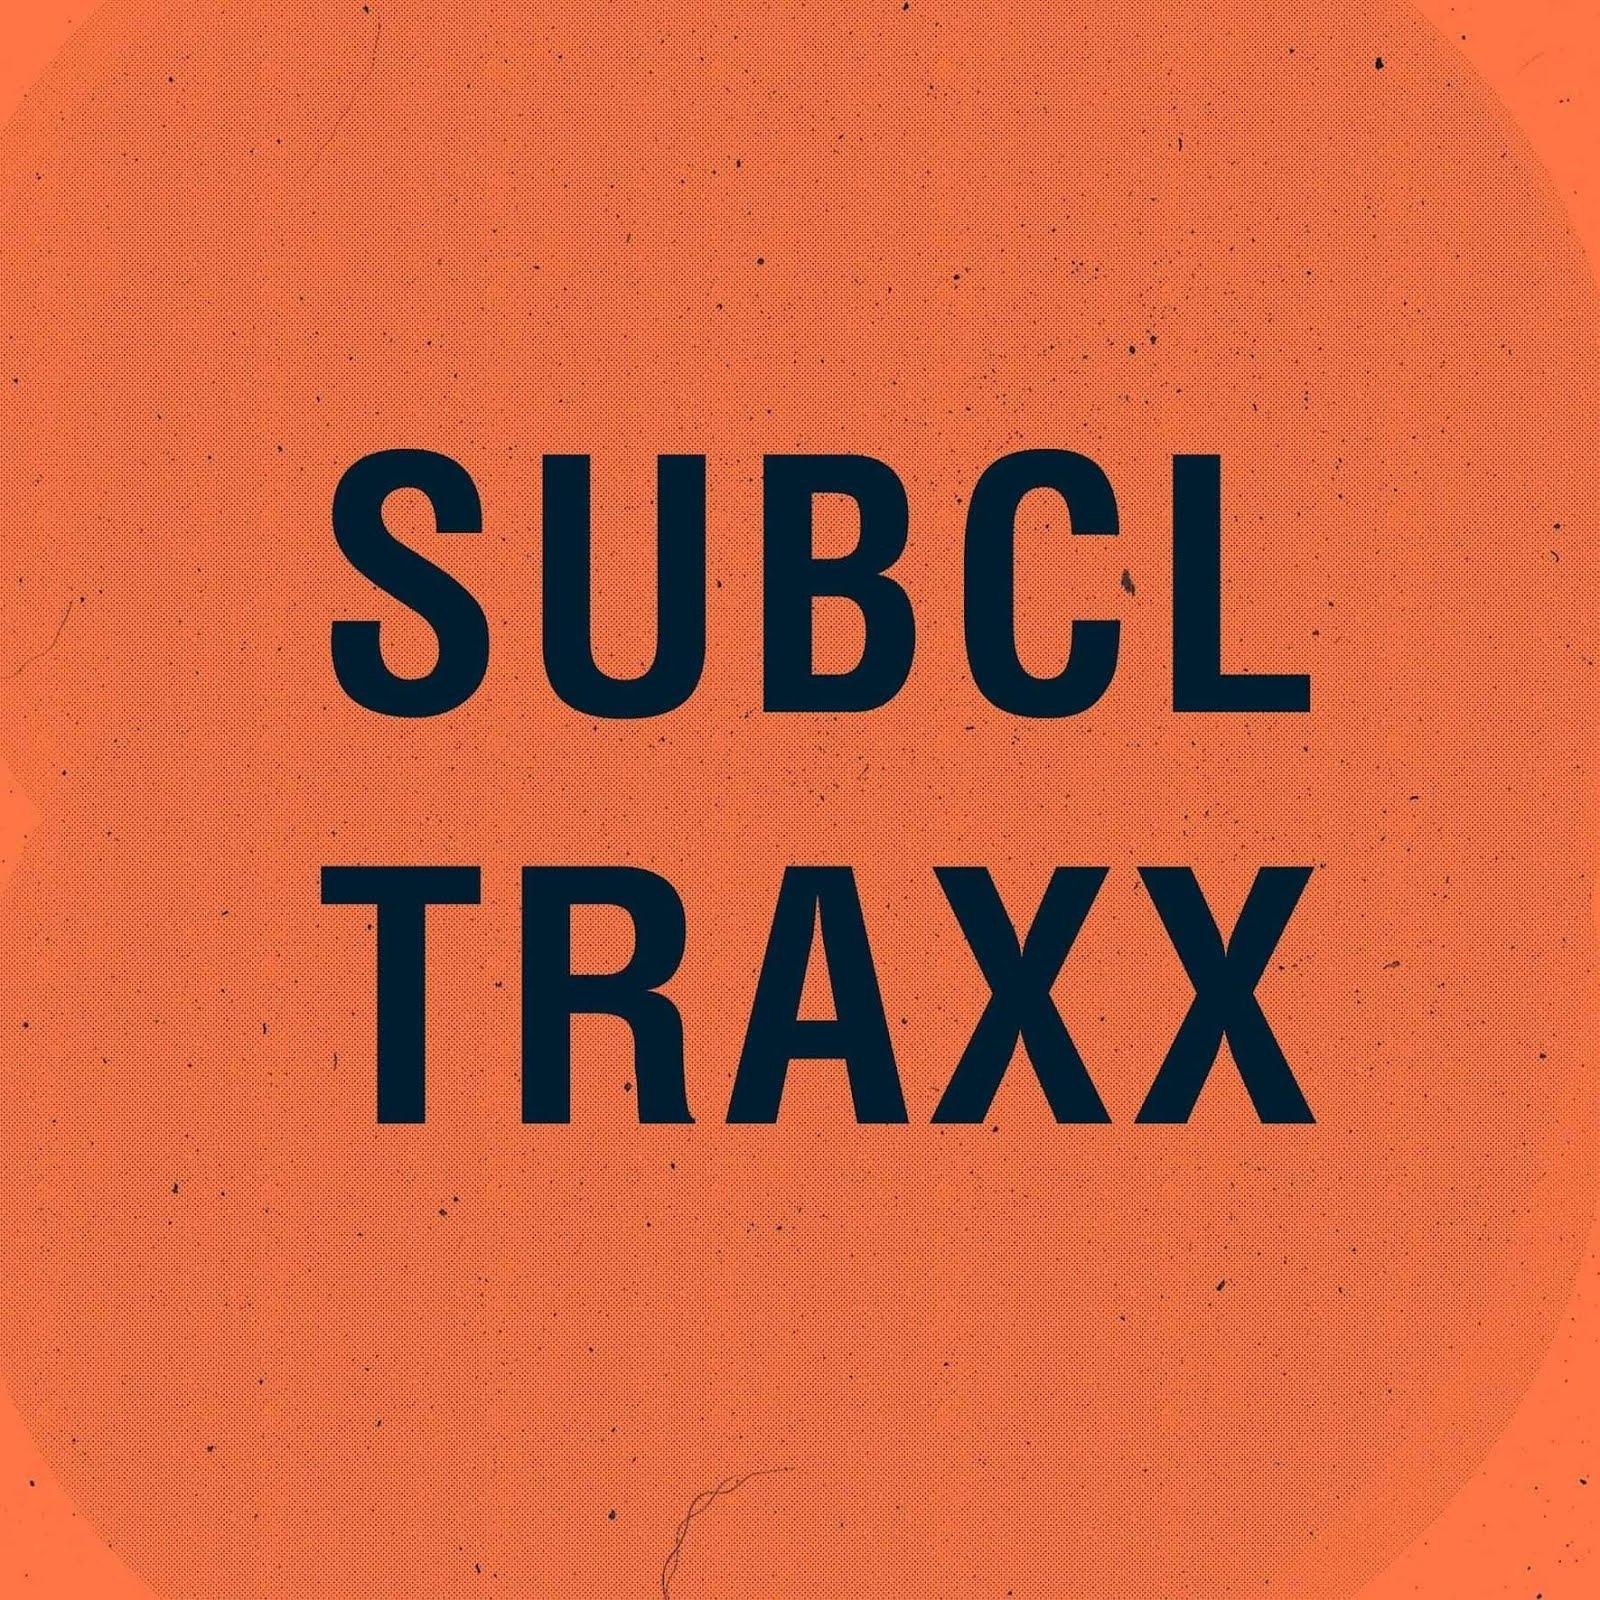 SUBCLTRAXX